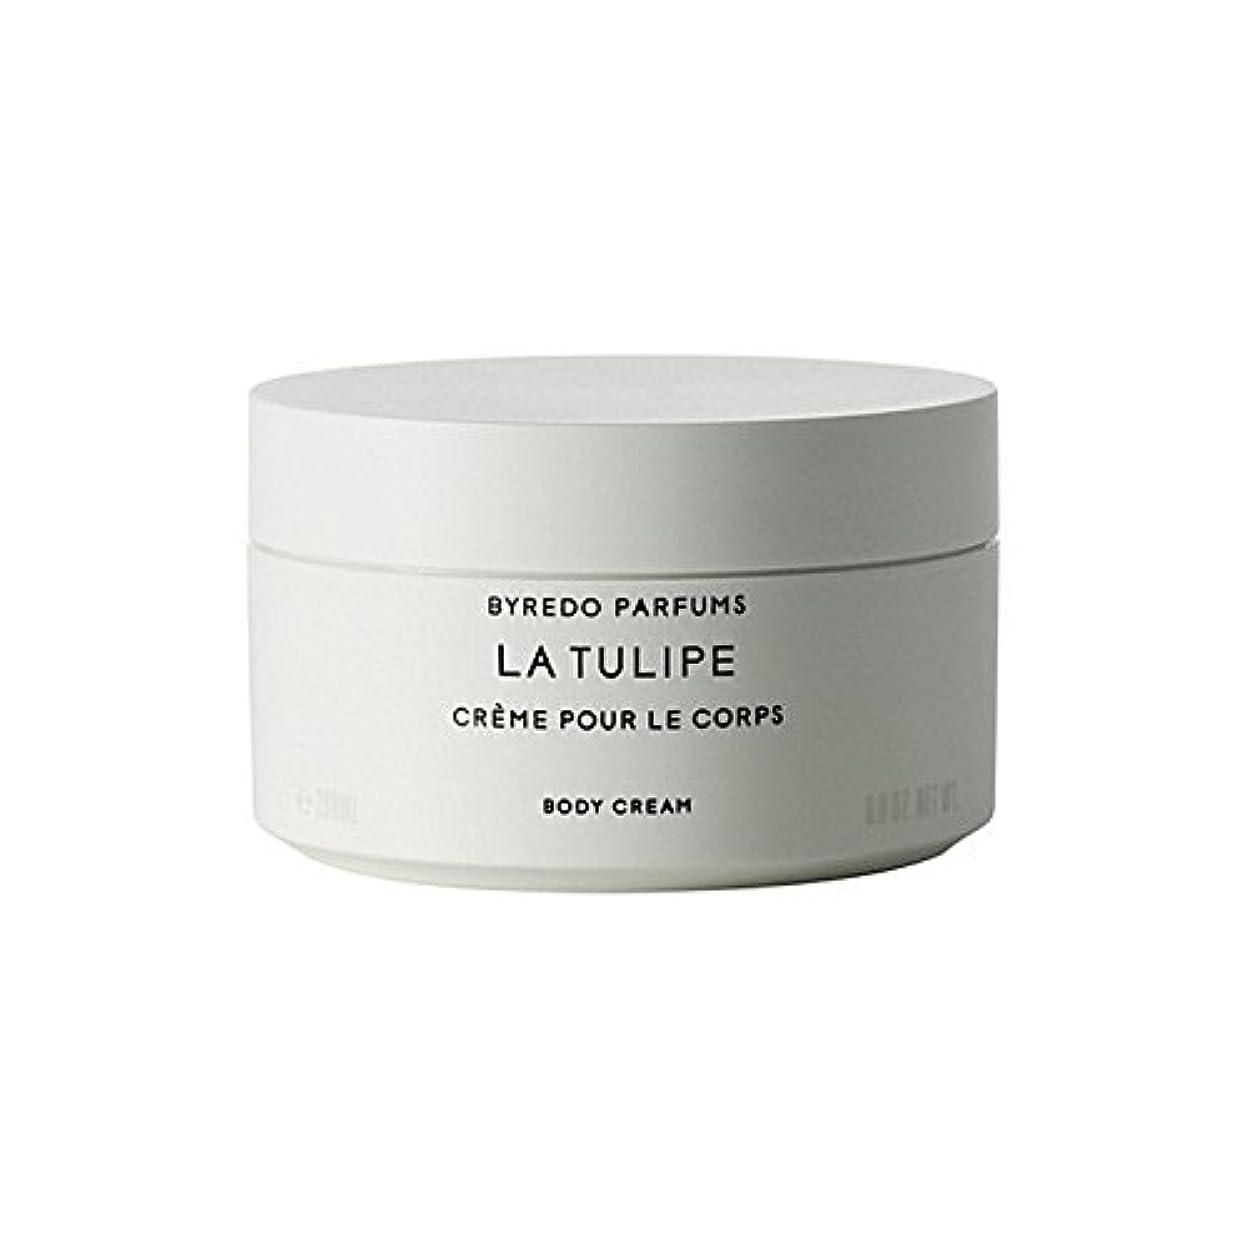 チャペル面倒詩人ラチューリップボディクリーム200ミリリットル x2 - Byredo La Tulipe Body Cream 200ml (Pack of 2) [並行輸入品]